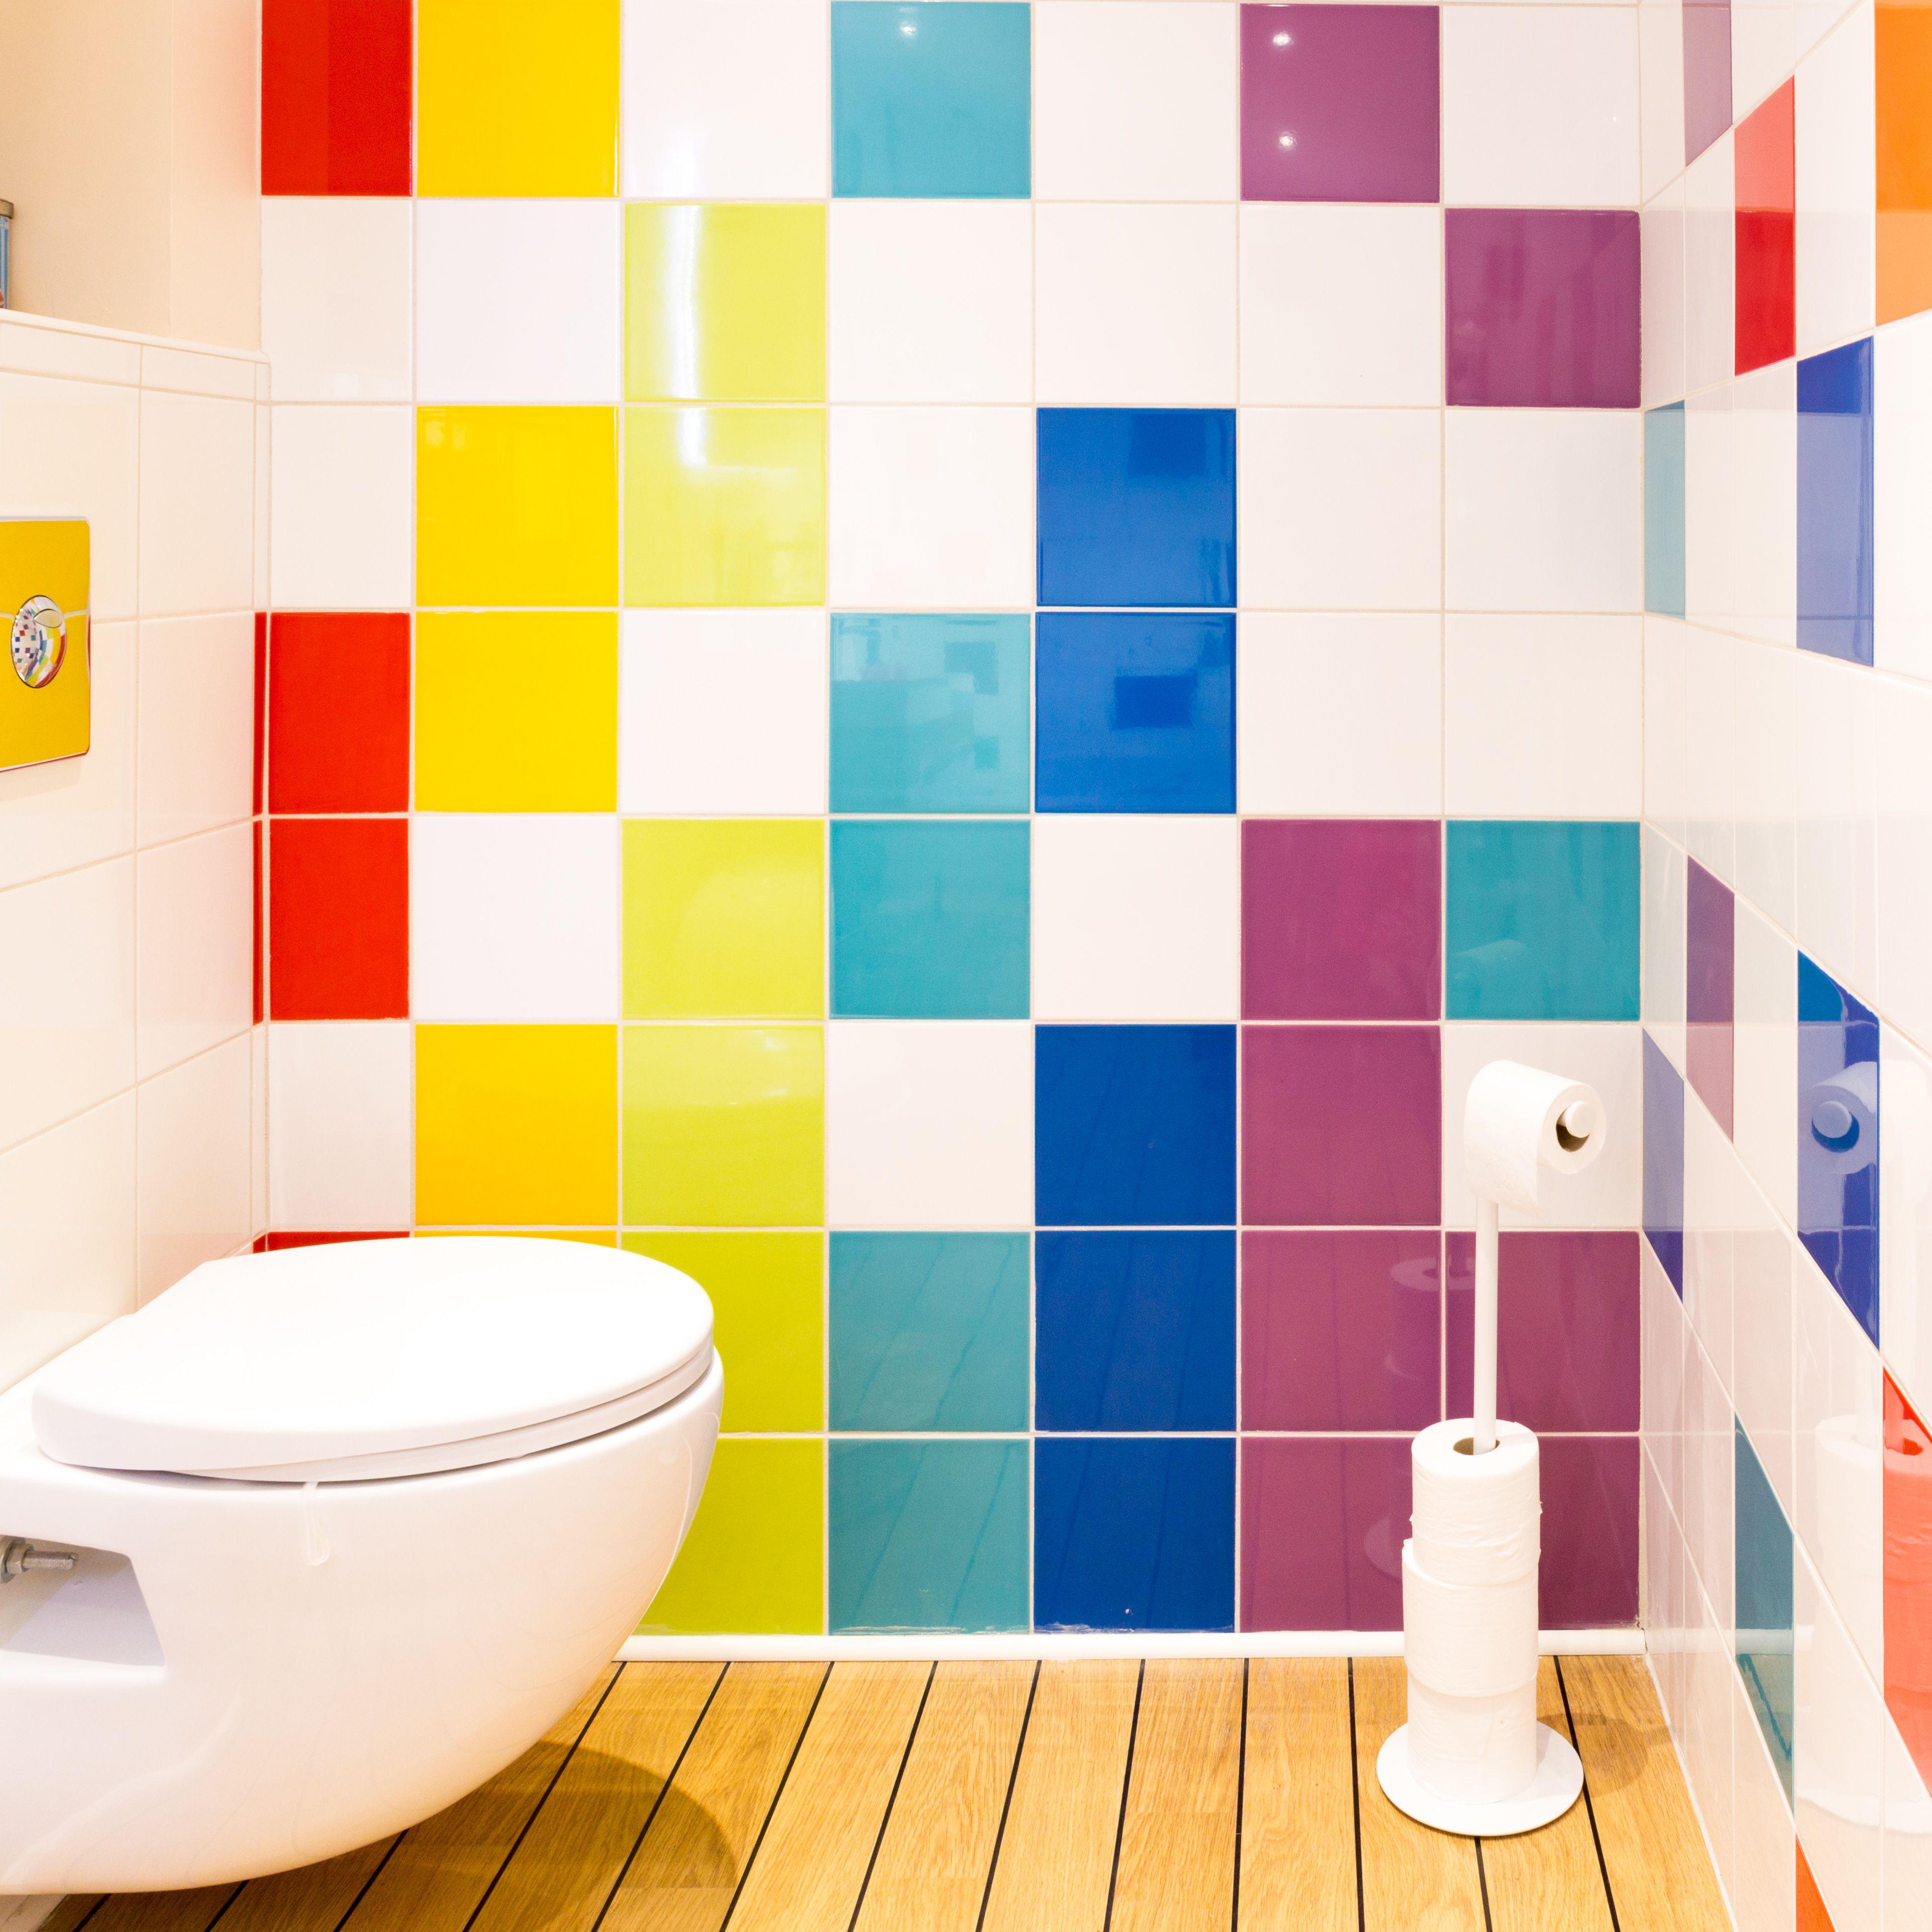 Le Carrelage Habille Vos Murs Deco Toilettes Repeindre Toilettes Amenagement Douche